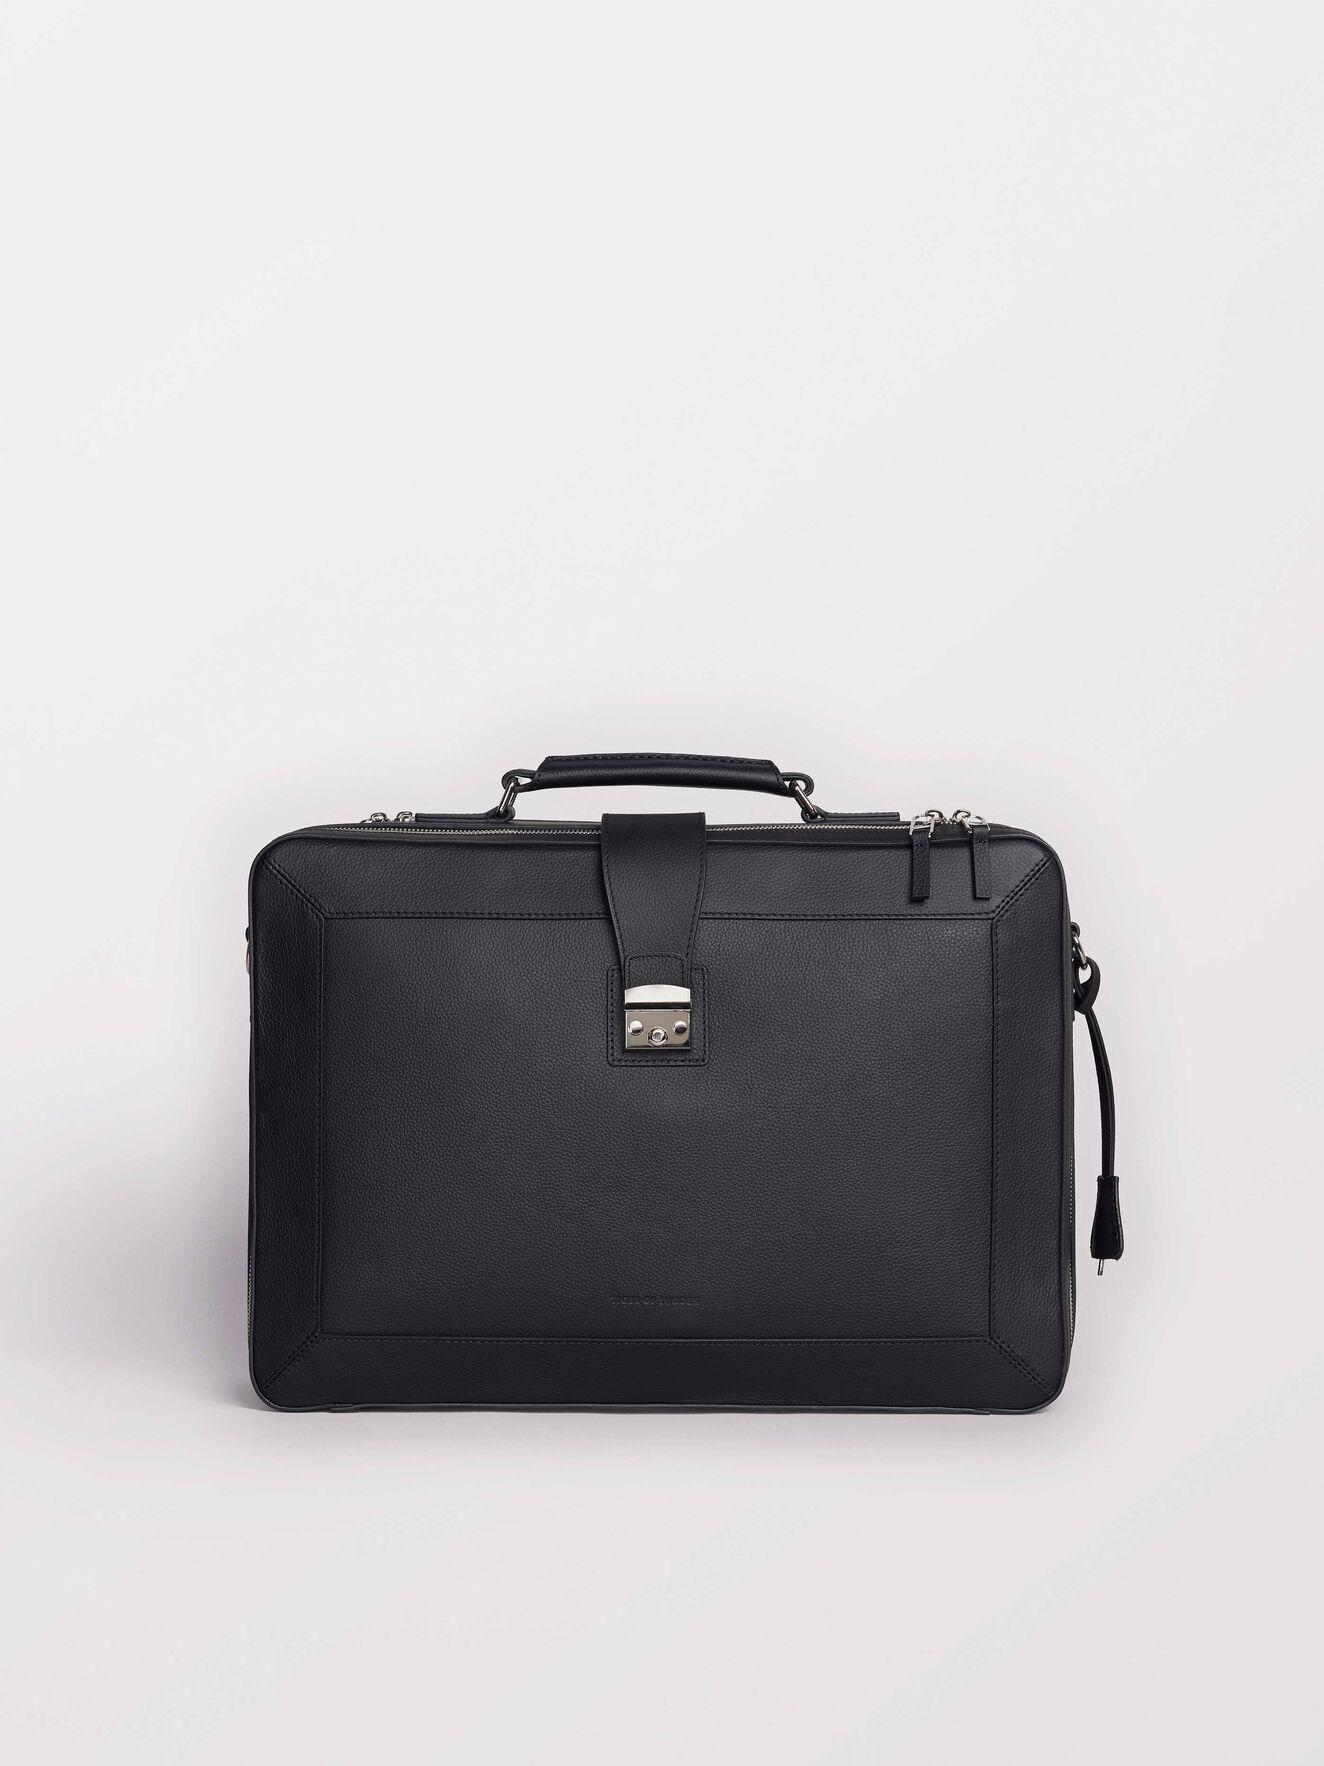 116cedf5a923 Bags - Shop our extensive bag range online at Tiger of Sweden